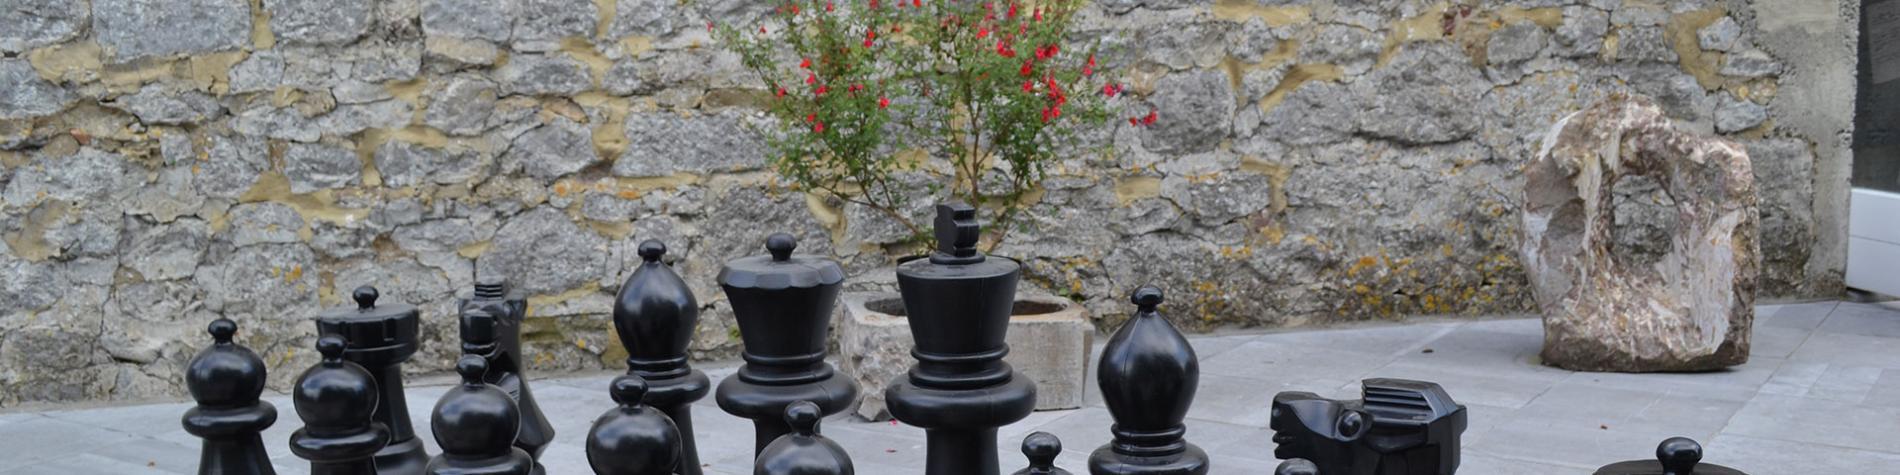 Musée du marbre - Sivry-Rance - Aire de jeux - échecs